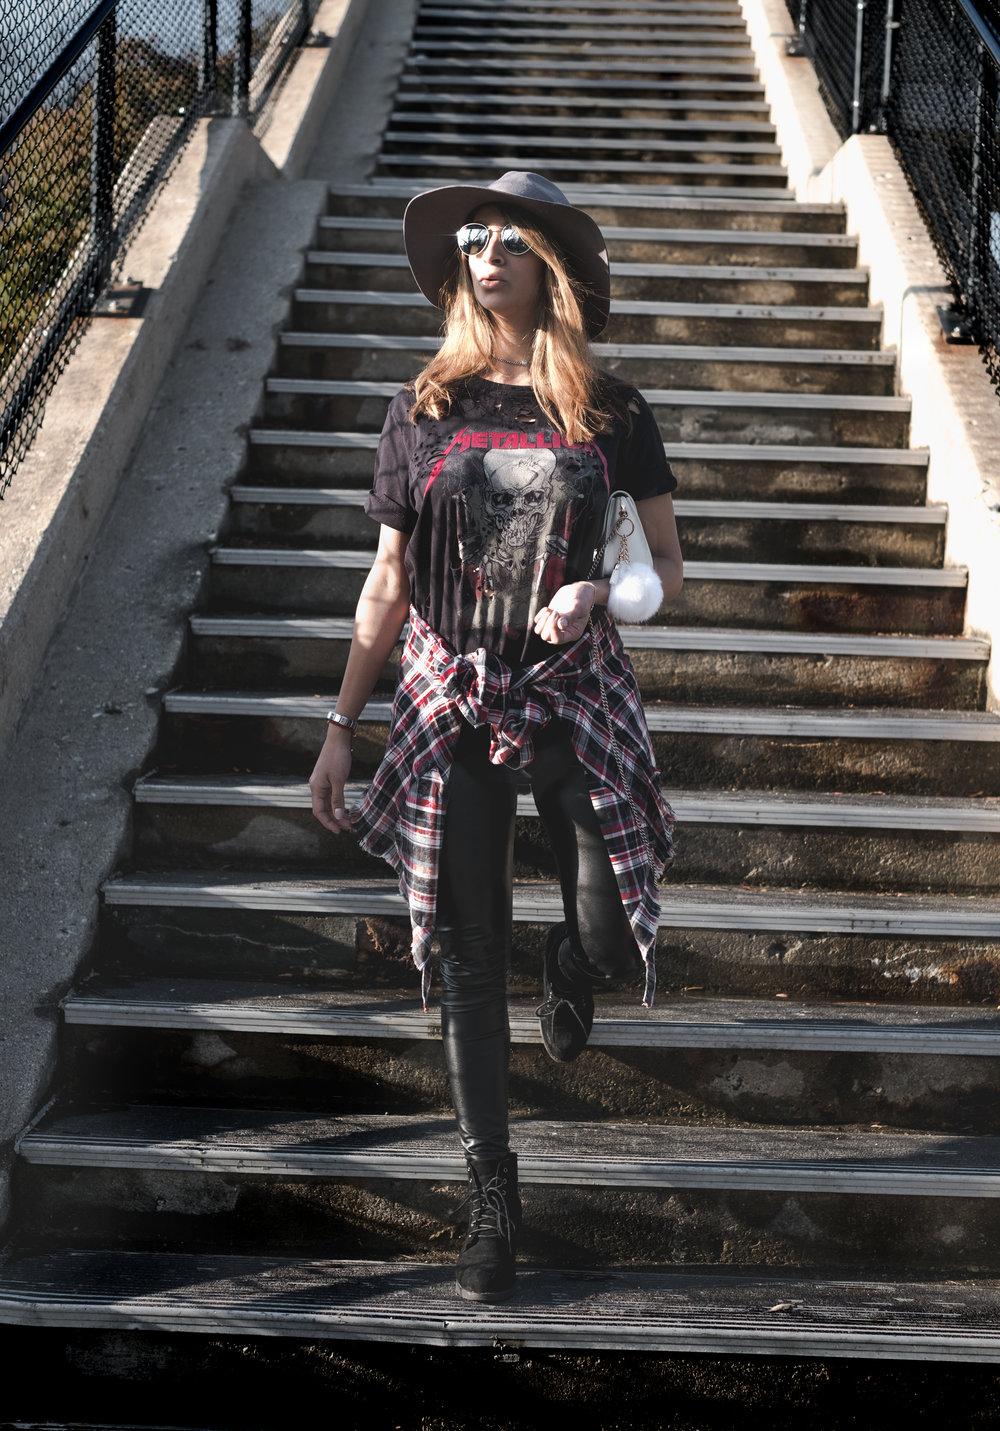 hat - H&M | shirt - Topshop | plaids blouse - Zara | pants - Aritzia | shoes - Topshop